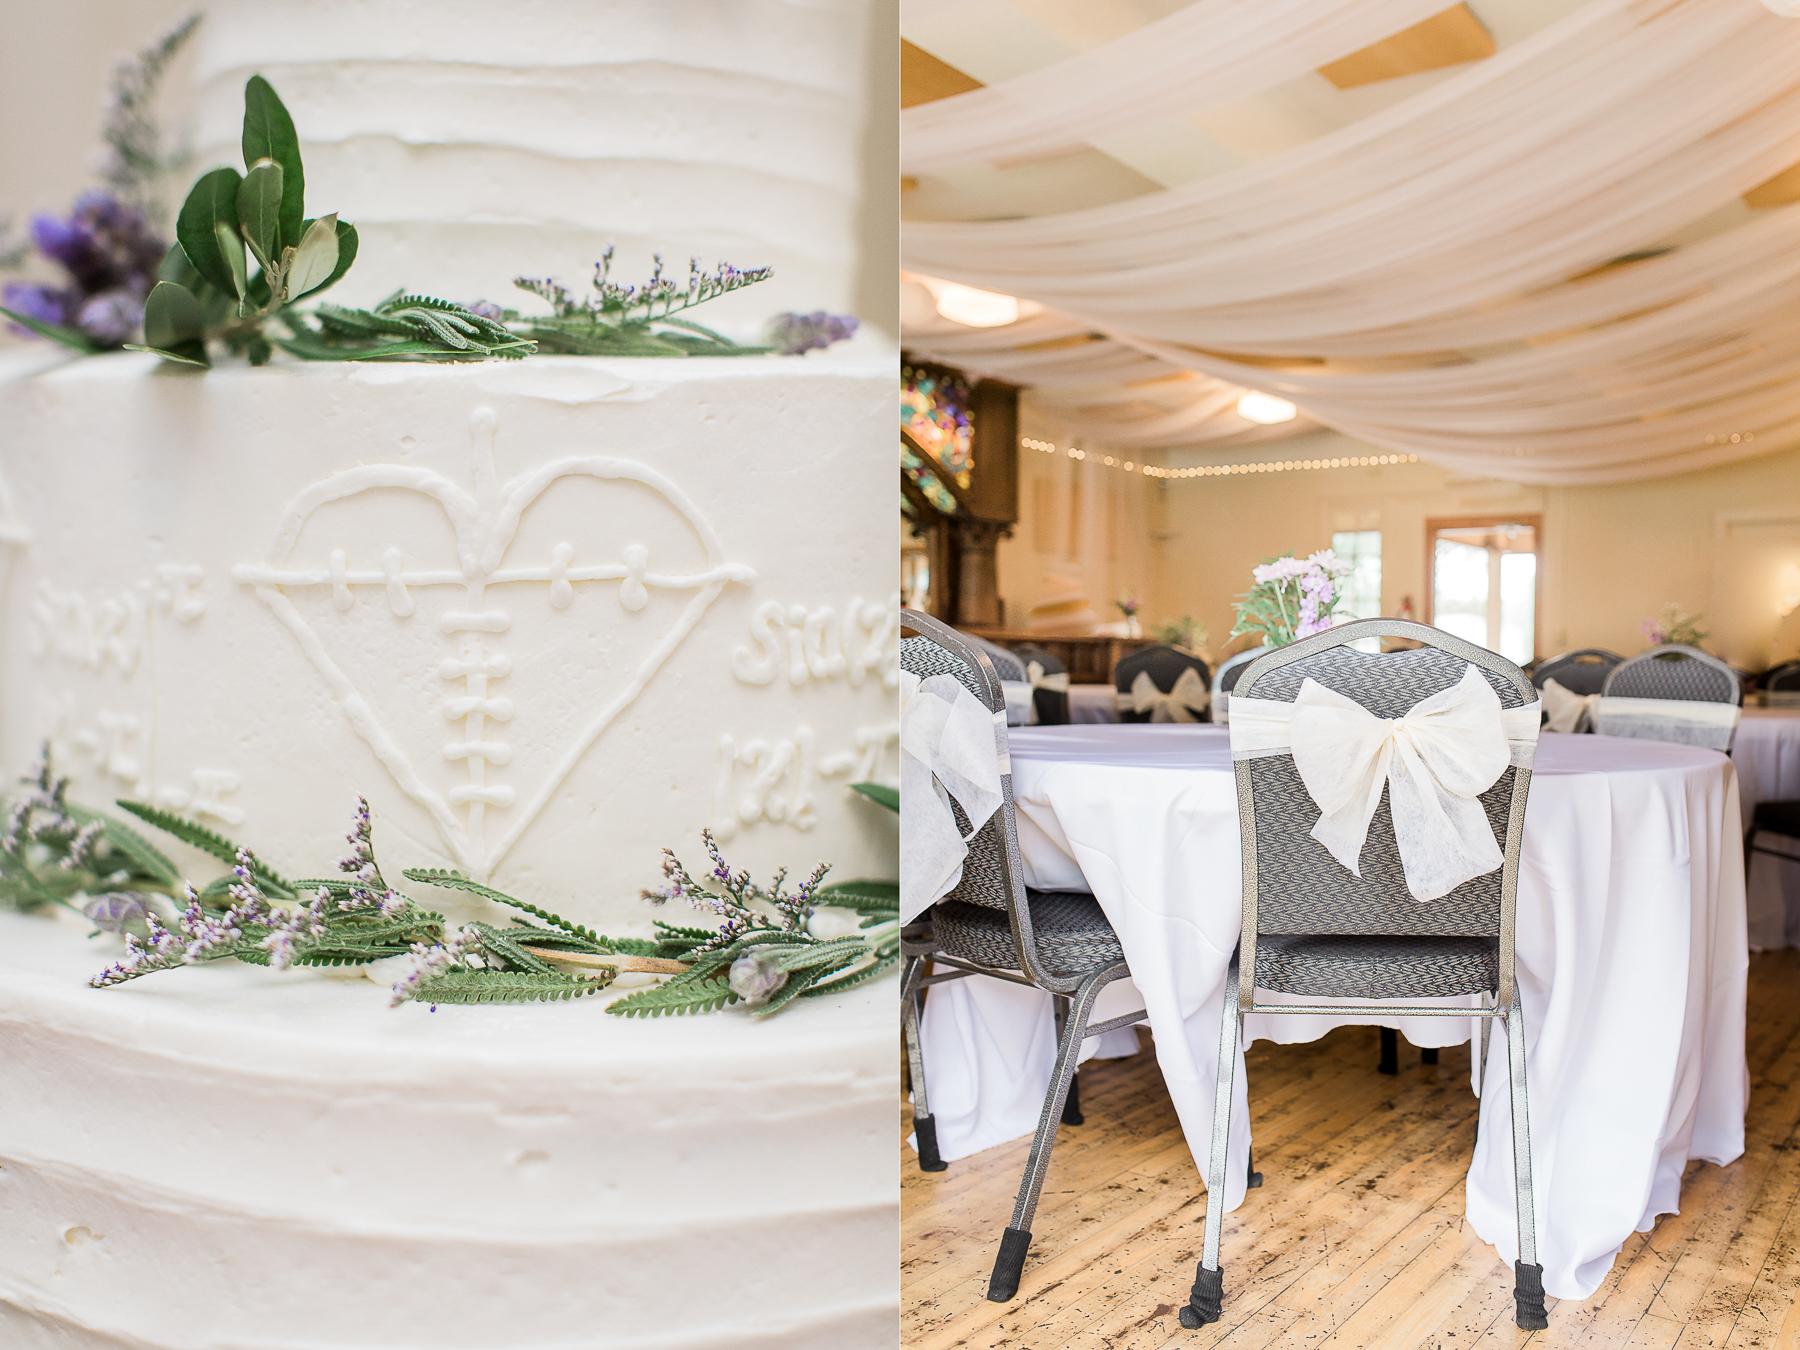 Personalized white wedding cake